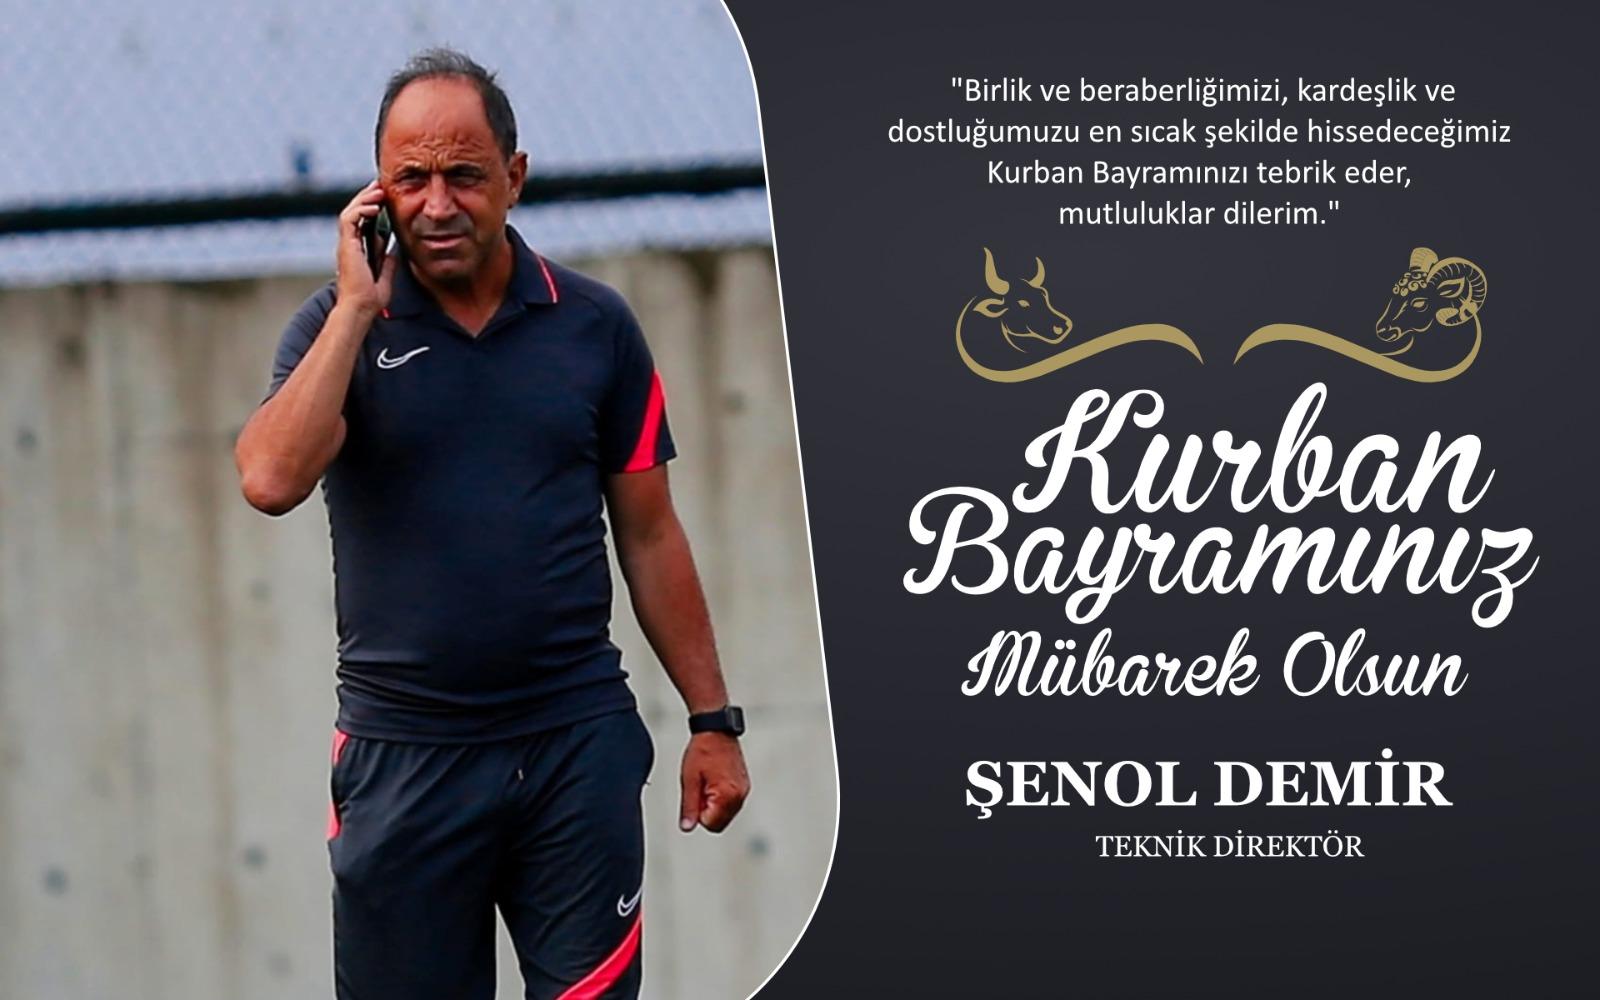 Şenol Demir'den Kurban Bayramı Kutlama Mesajı